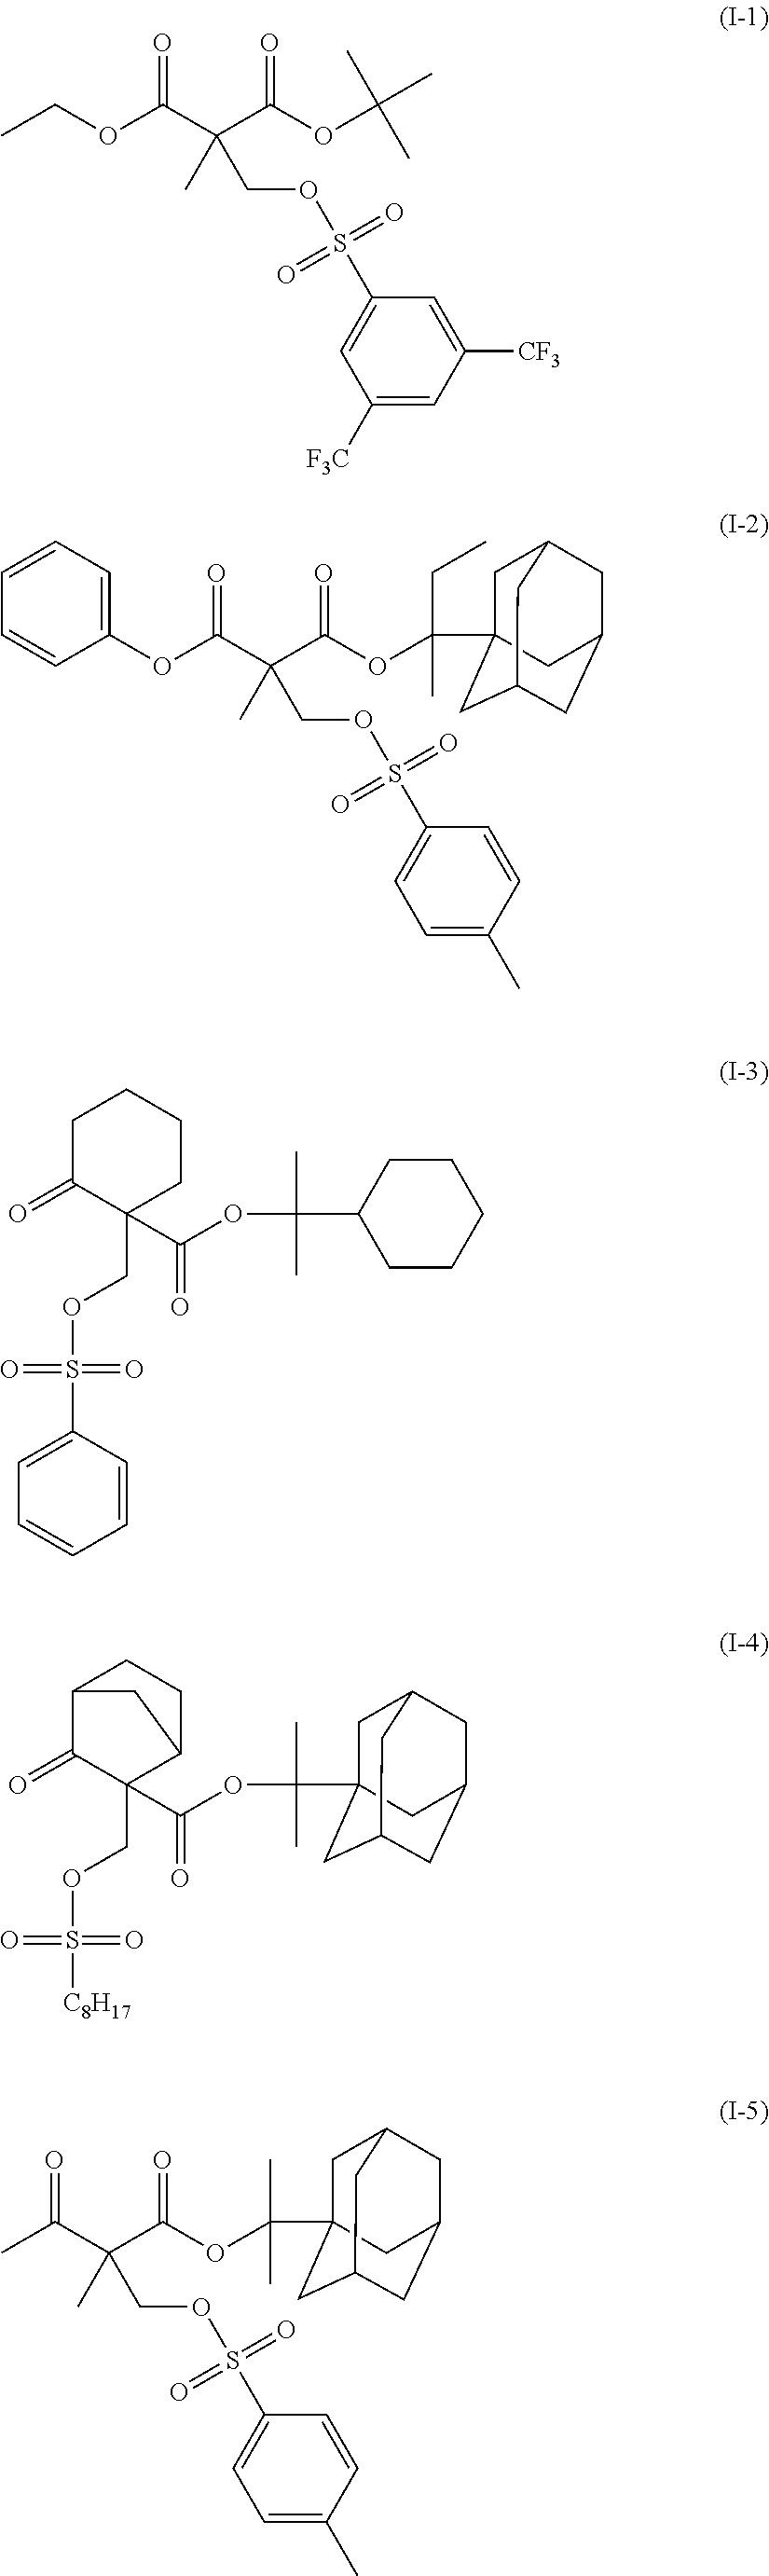 Figure US20110183258A1-20110728-C00083